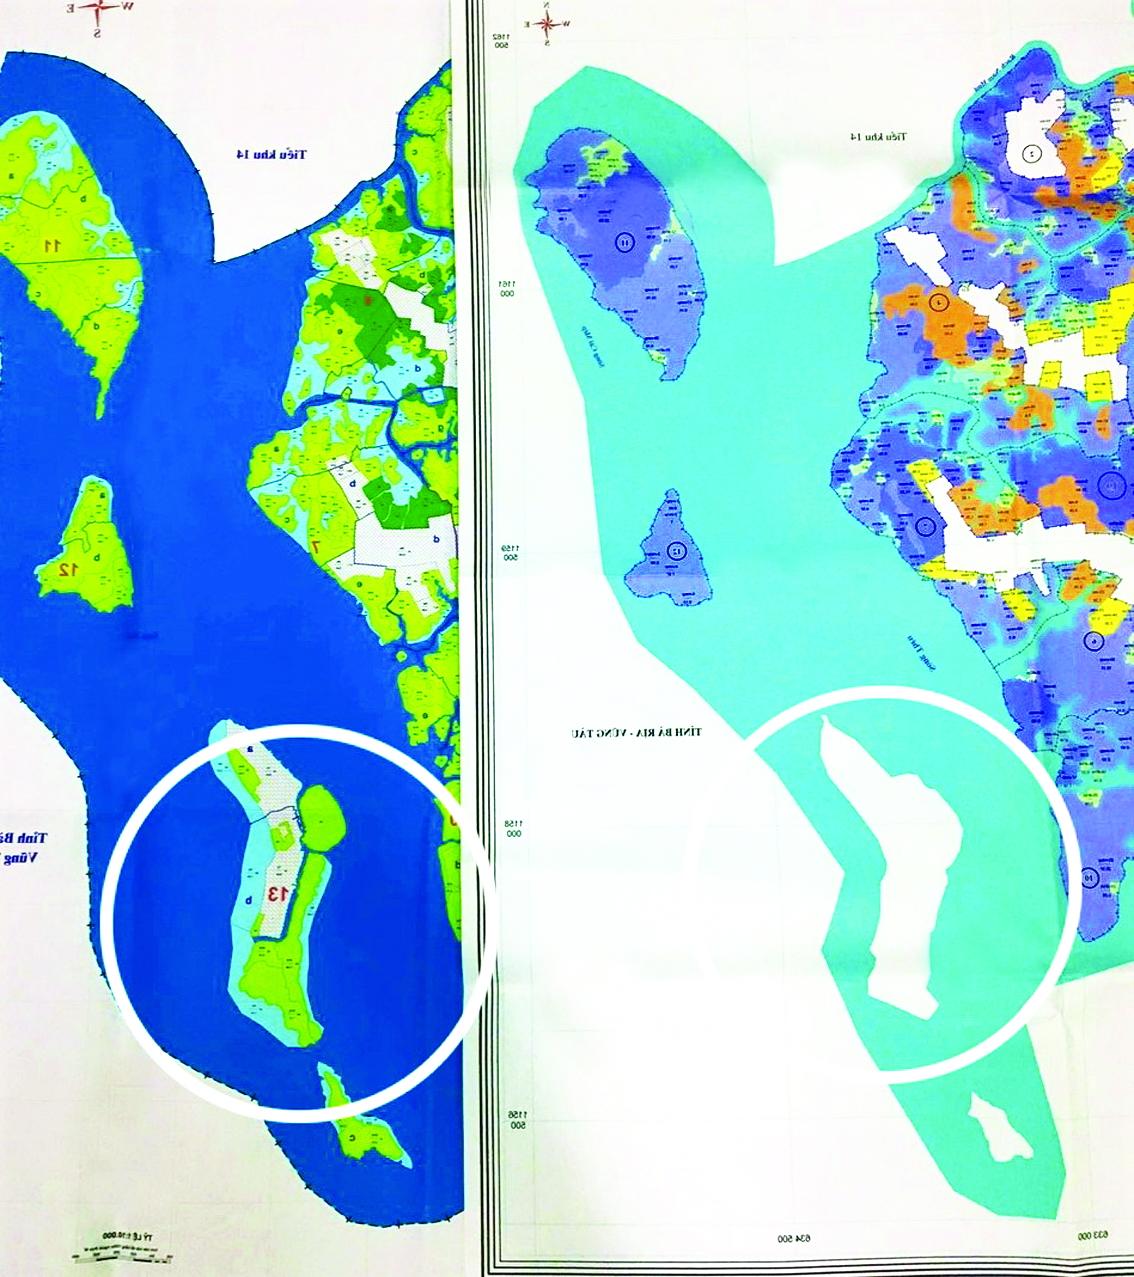 Nhìn vào bản đồ trước và sau khi kiểm kê rừng, toàn bộ diện tích rừng ở xã Thạnh An biến mất, chỉ còn một màu trắng xóa - Ảnh: H.N.